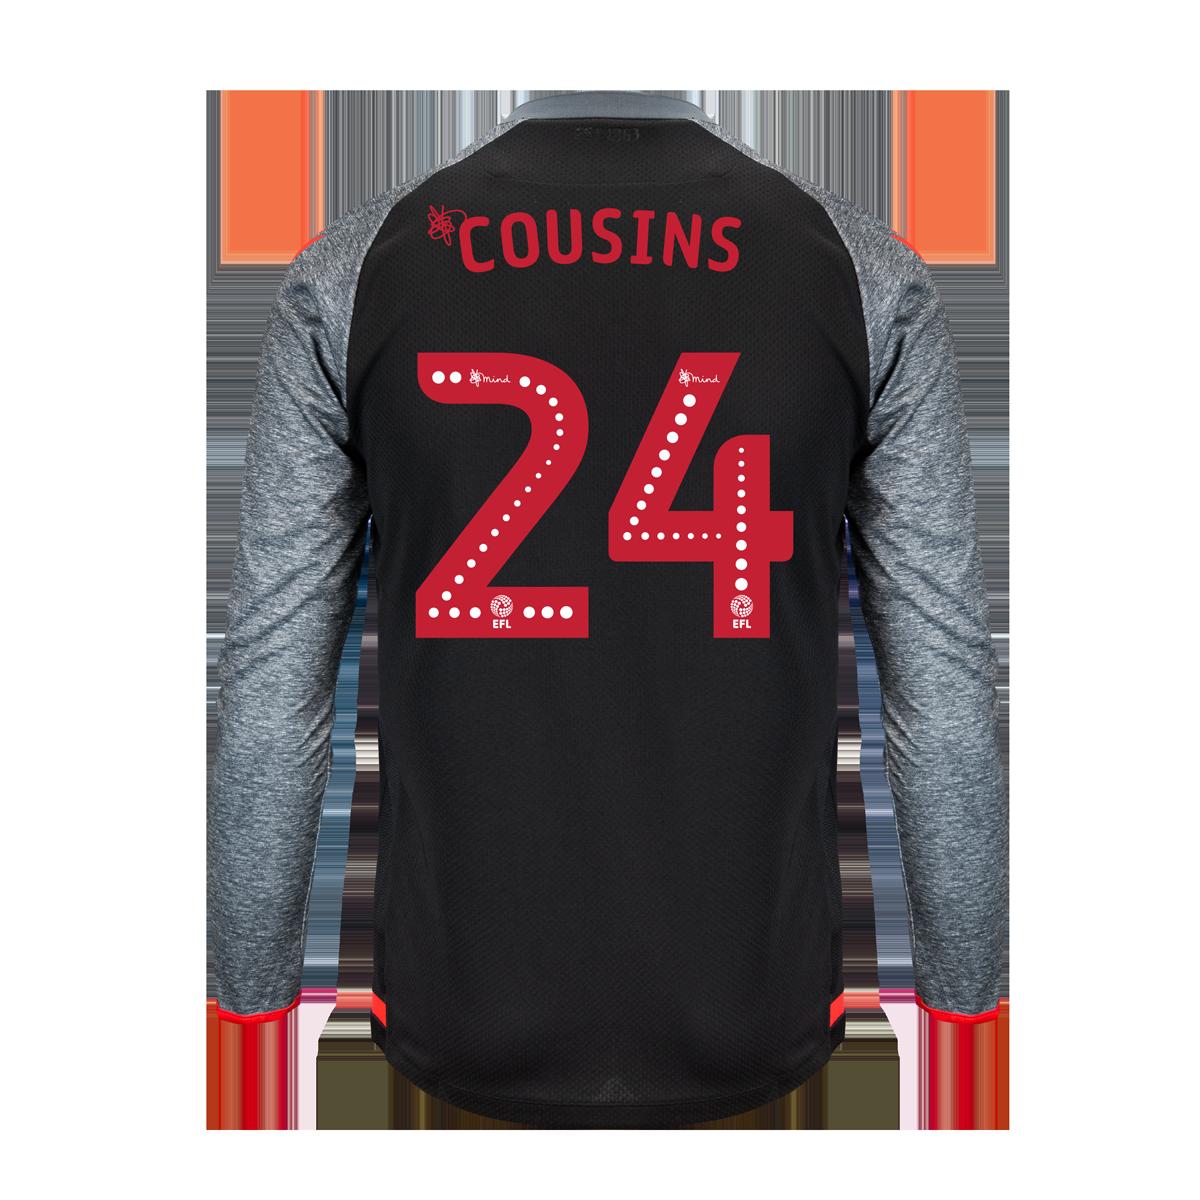 2019/20 Adult Away LS Shirt - Cousins